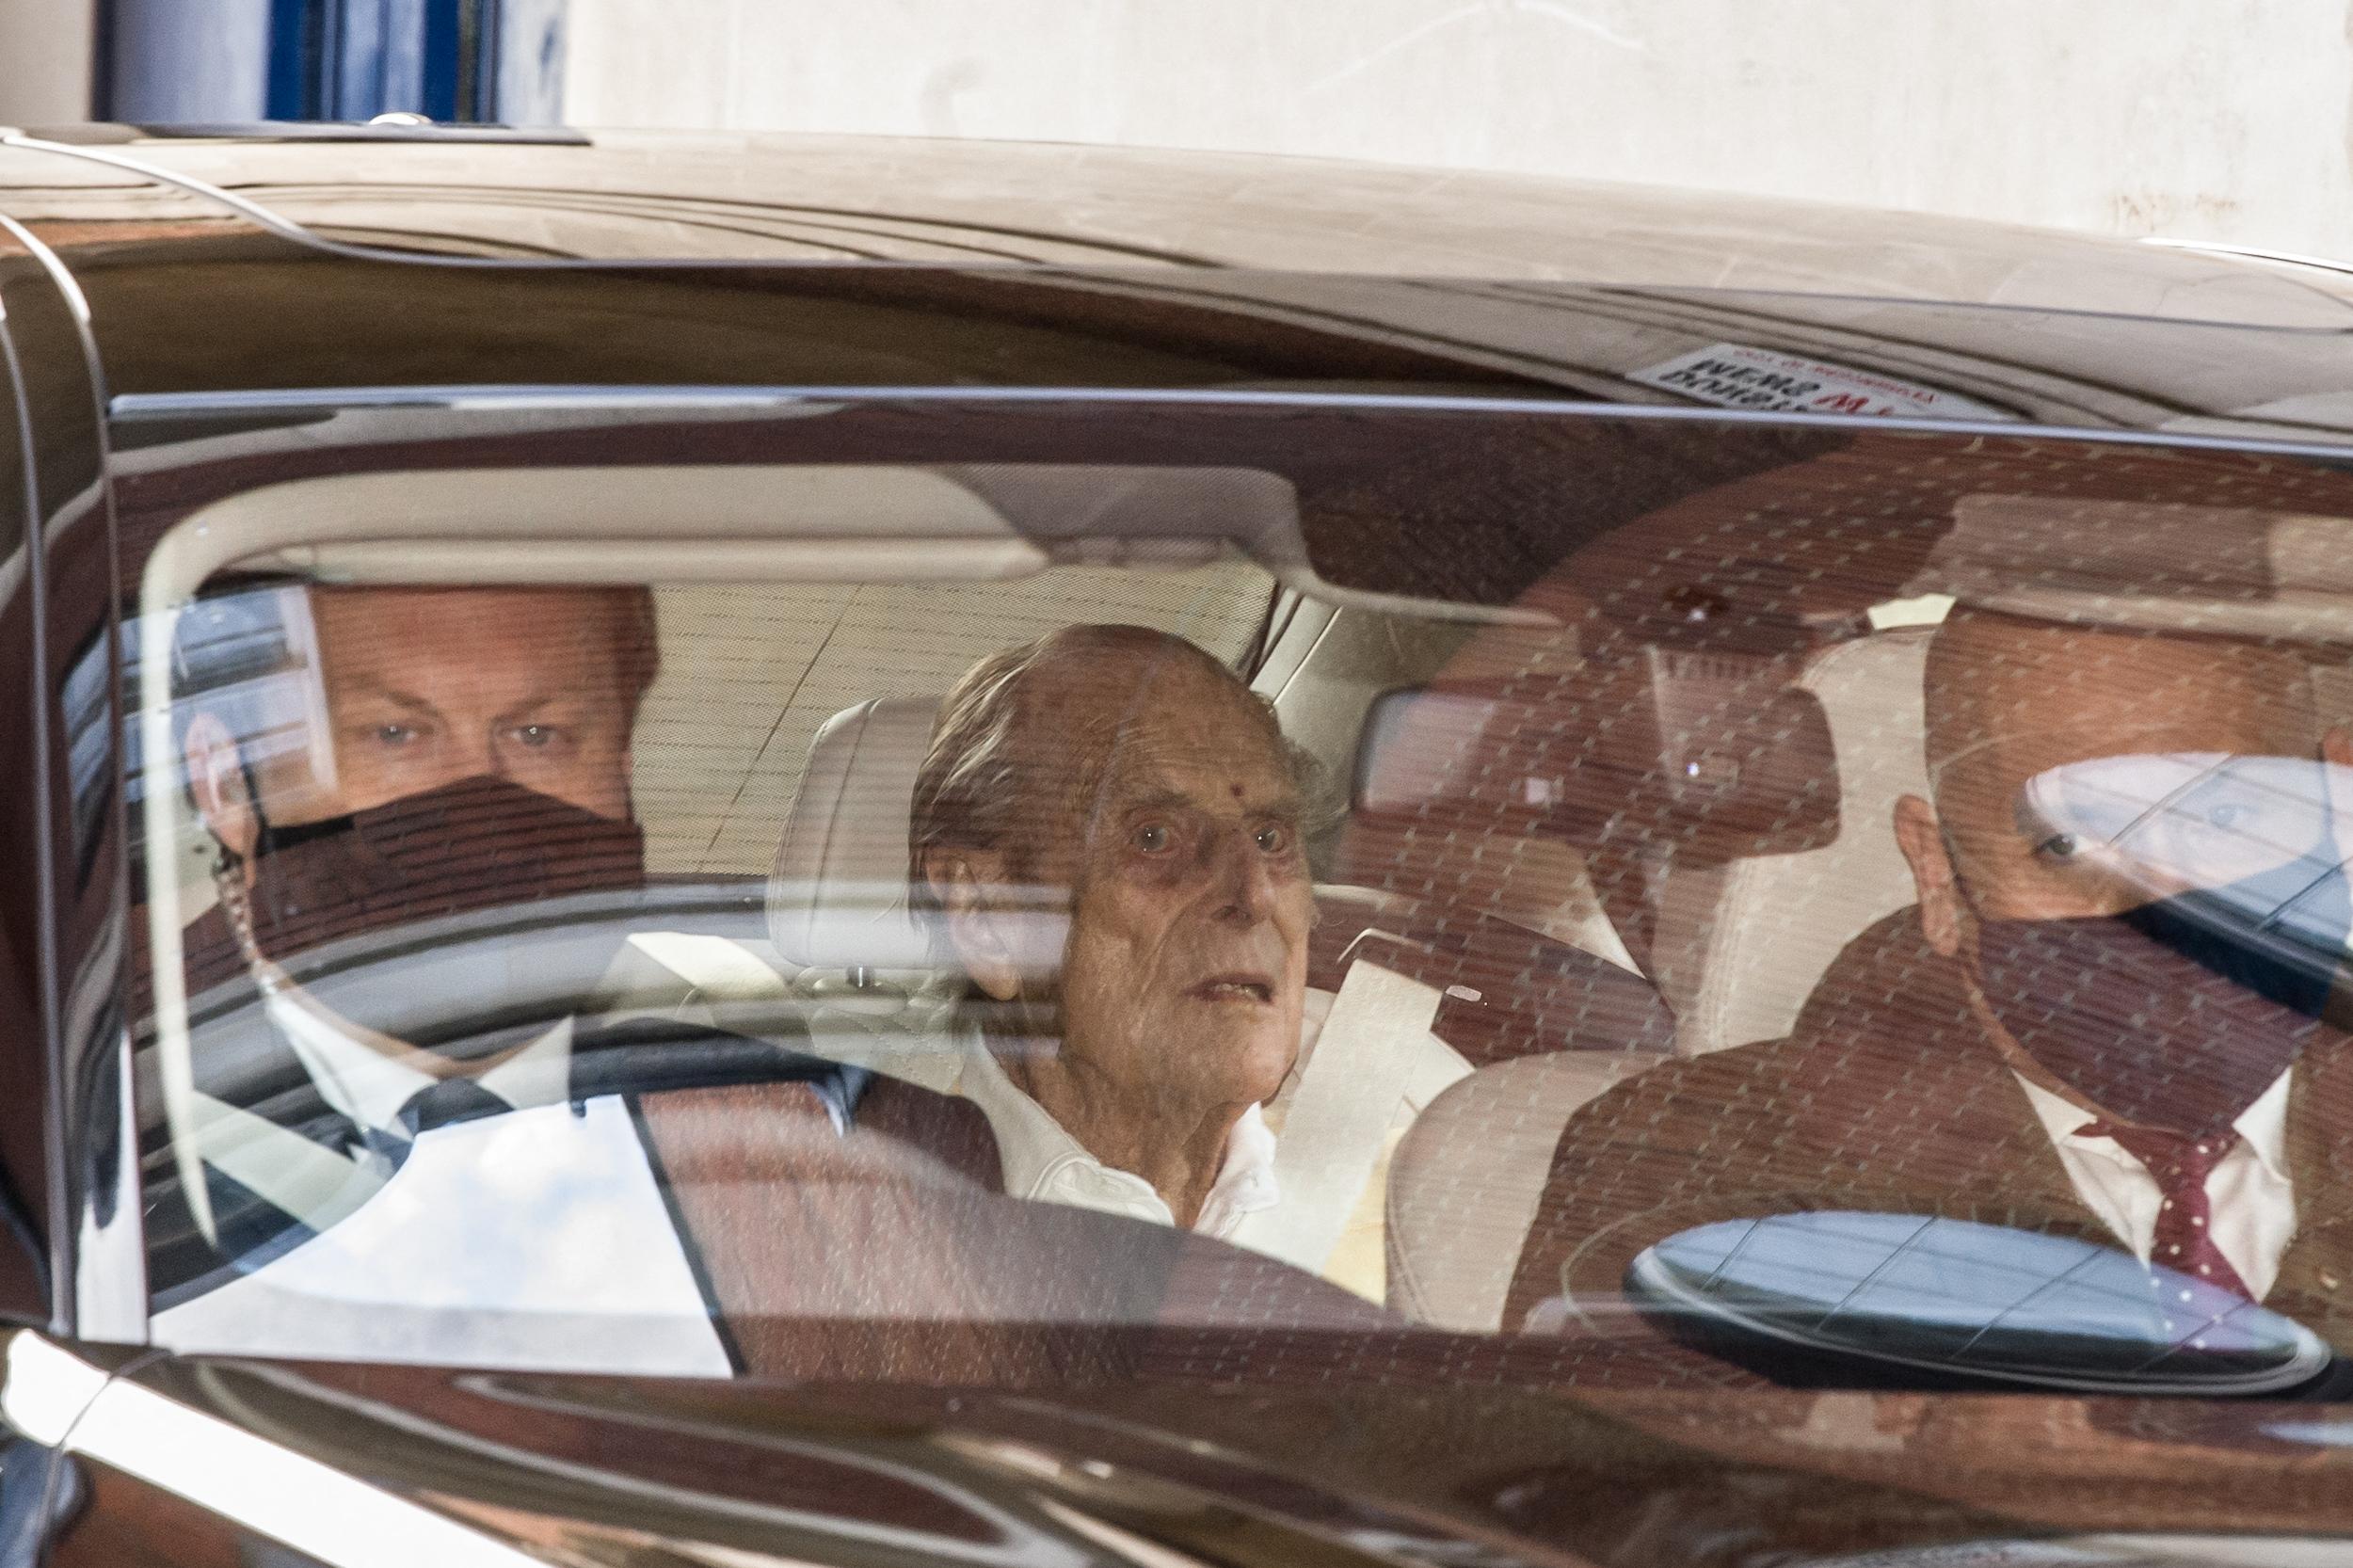 A százéves Fülöp herceget egy hónap után hazaengedték a kórházból